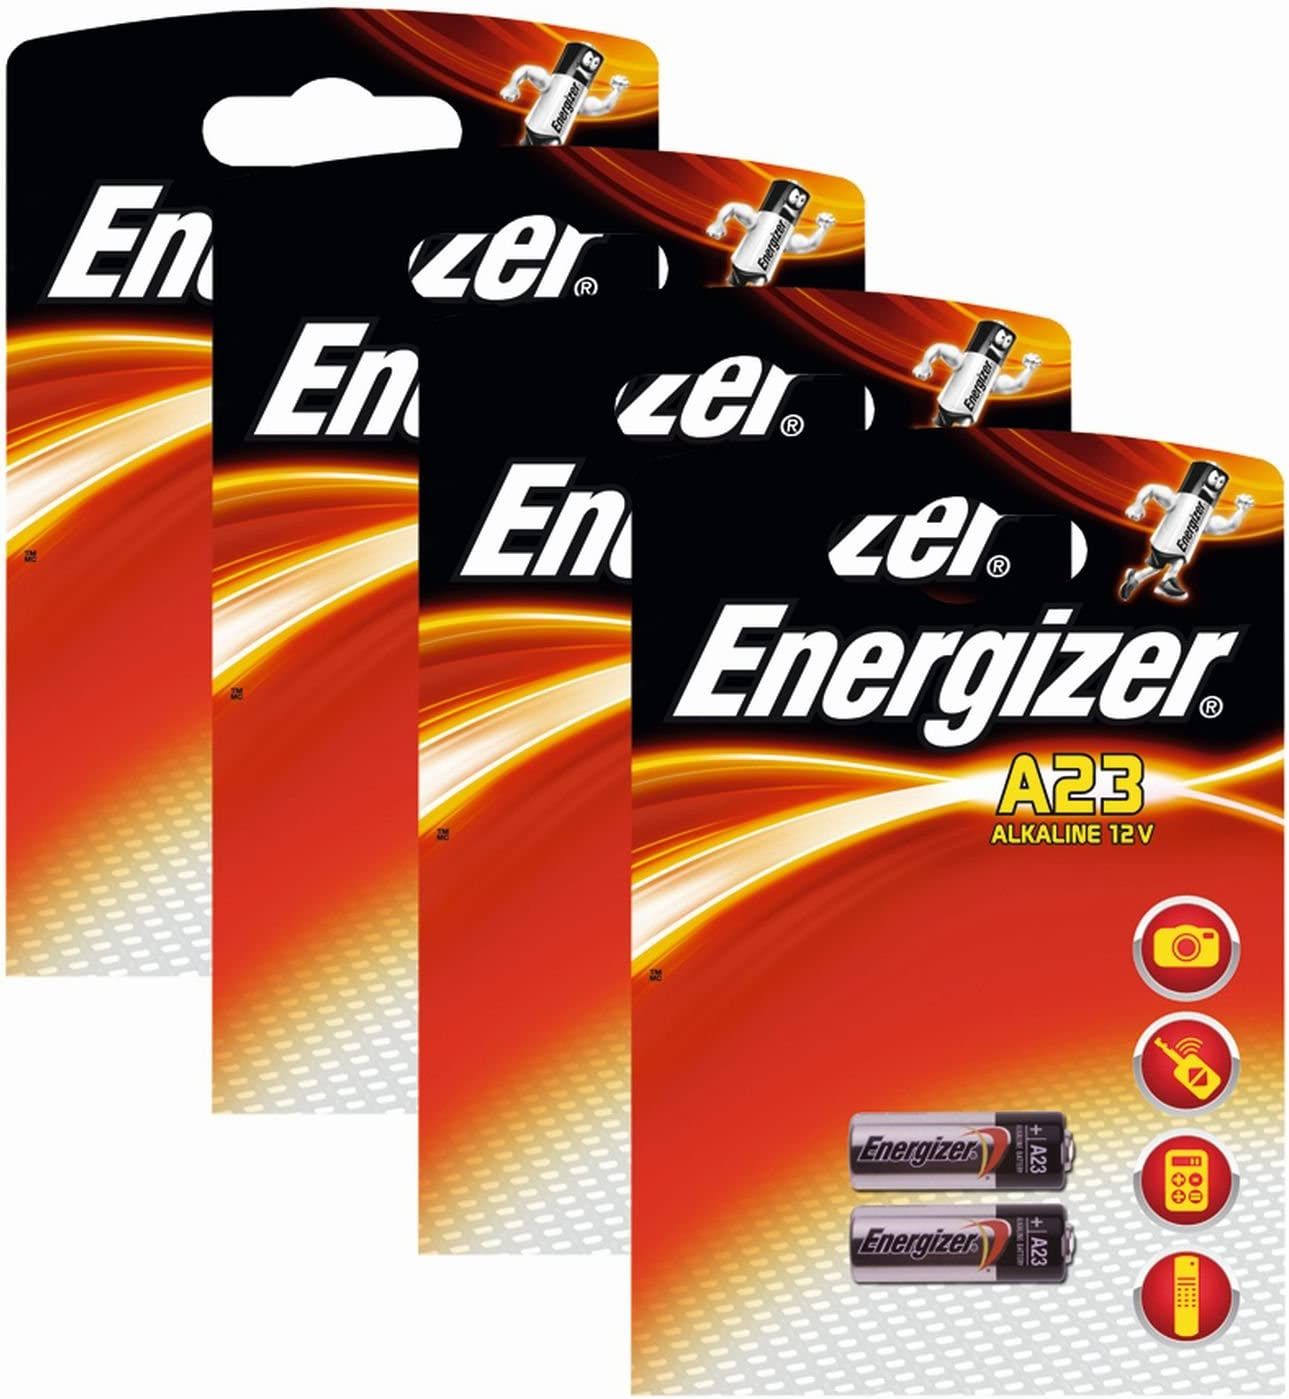 Energizer 629564SET - Paquete de Pilas alcalinas A23 (12 V, 4 Paquetes x 2 Unidades)